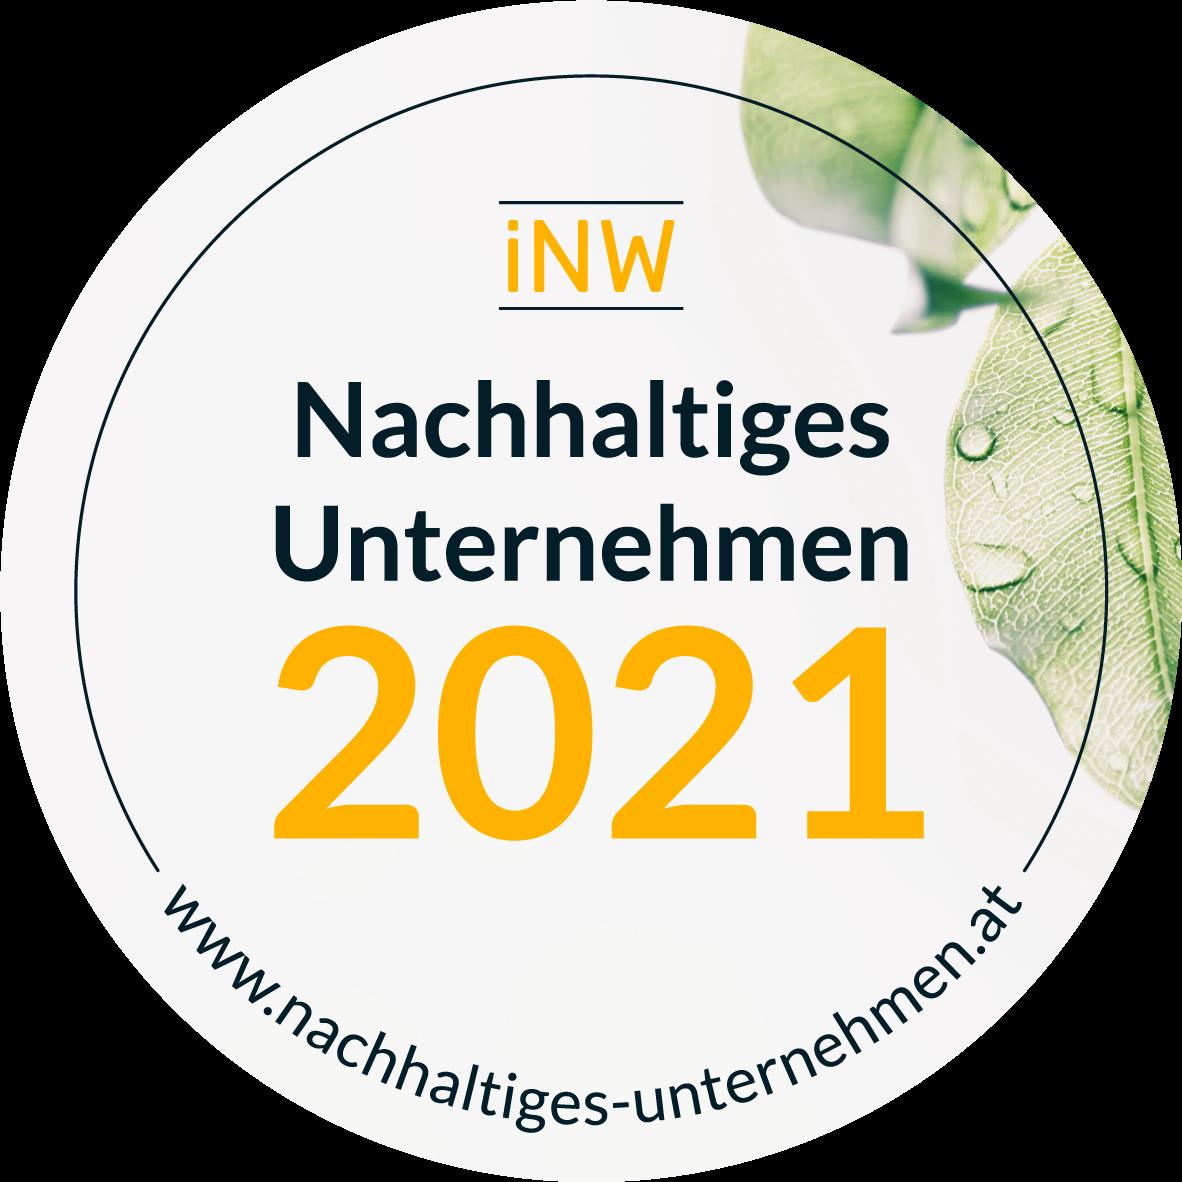 Logo nachhaltiges Unternehmen 2021_finalpng